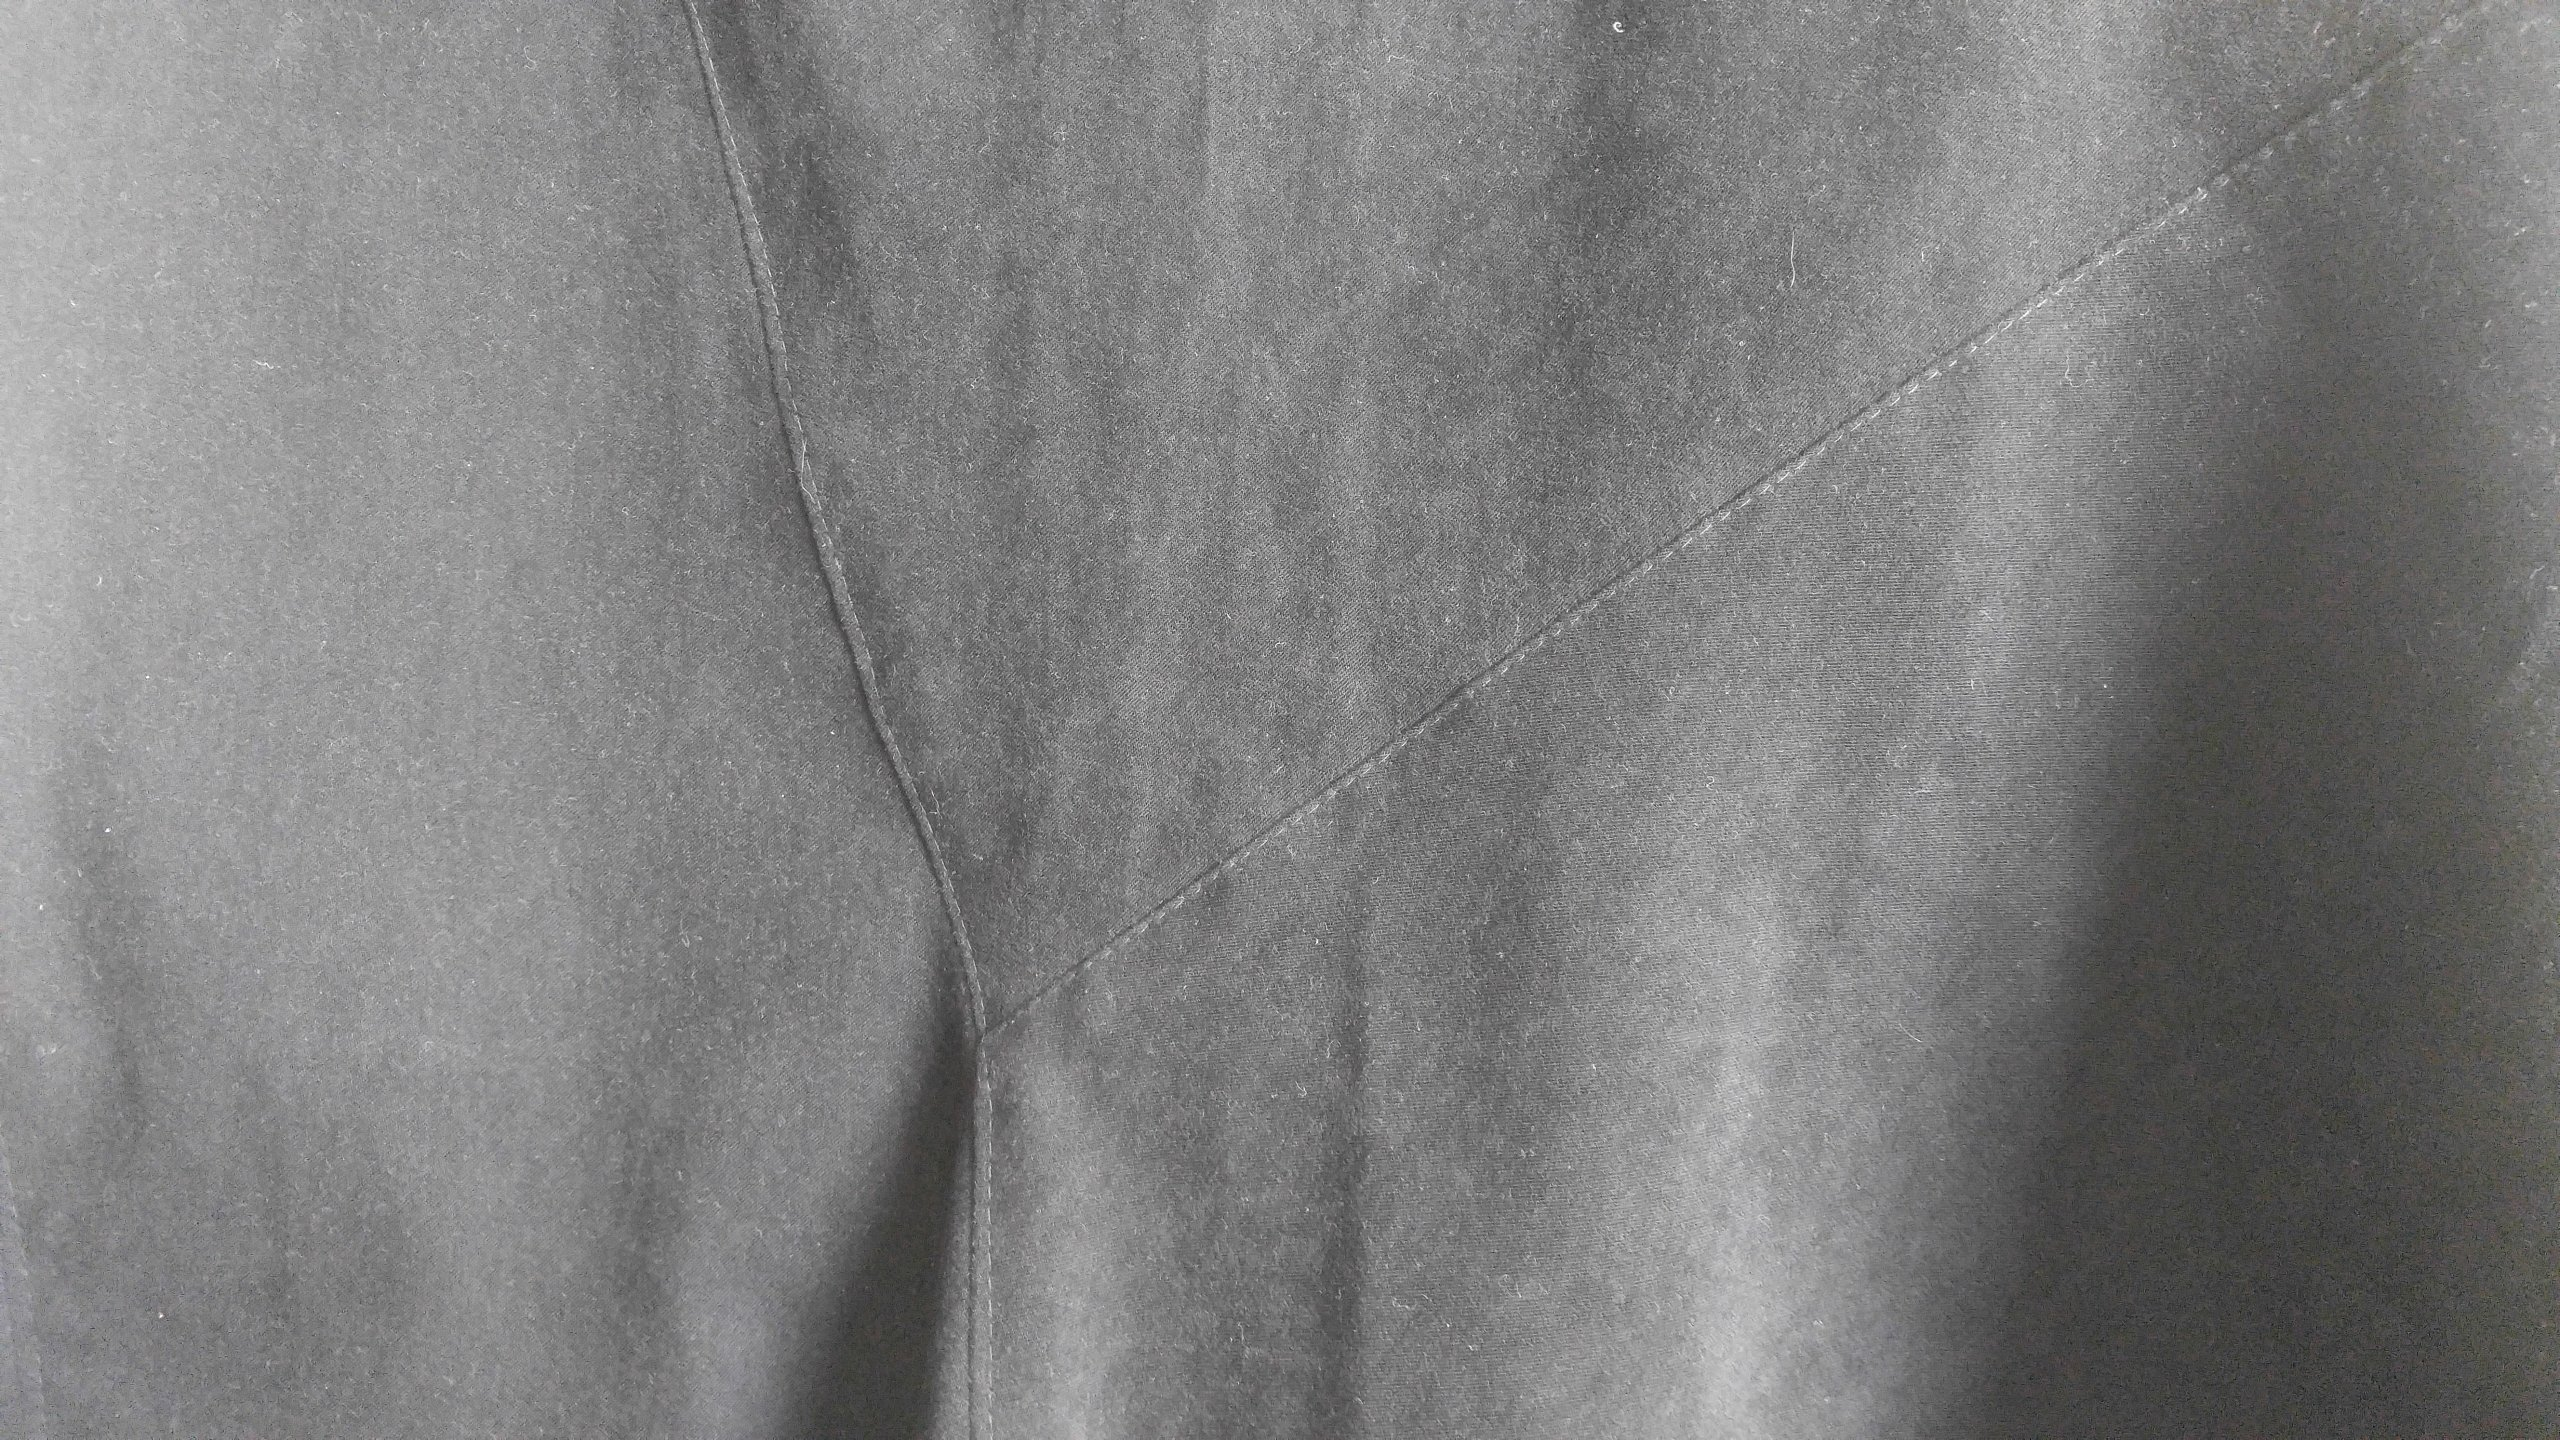 FKEDYTA Spódnica tulipan zamsz skóra brzoskwini 44